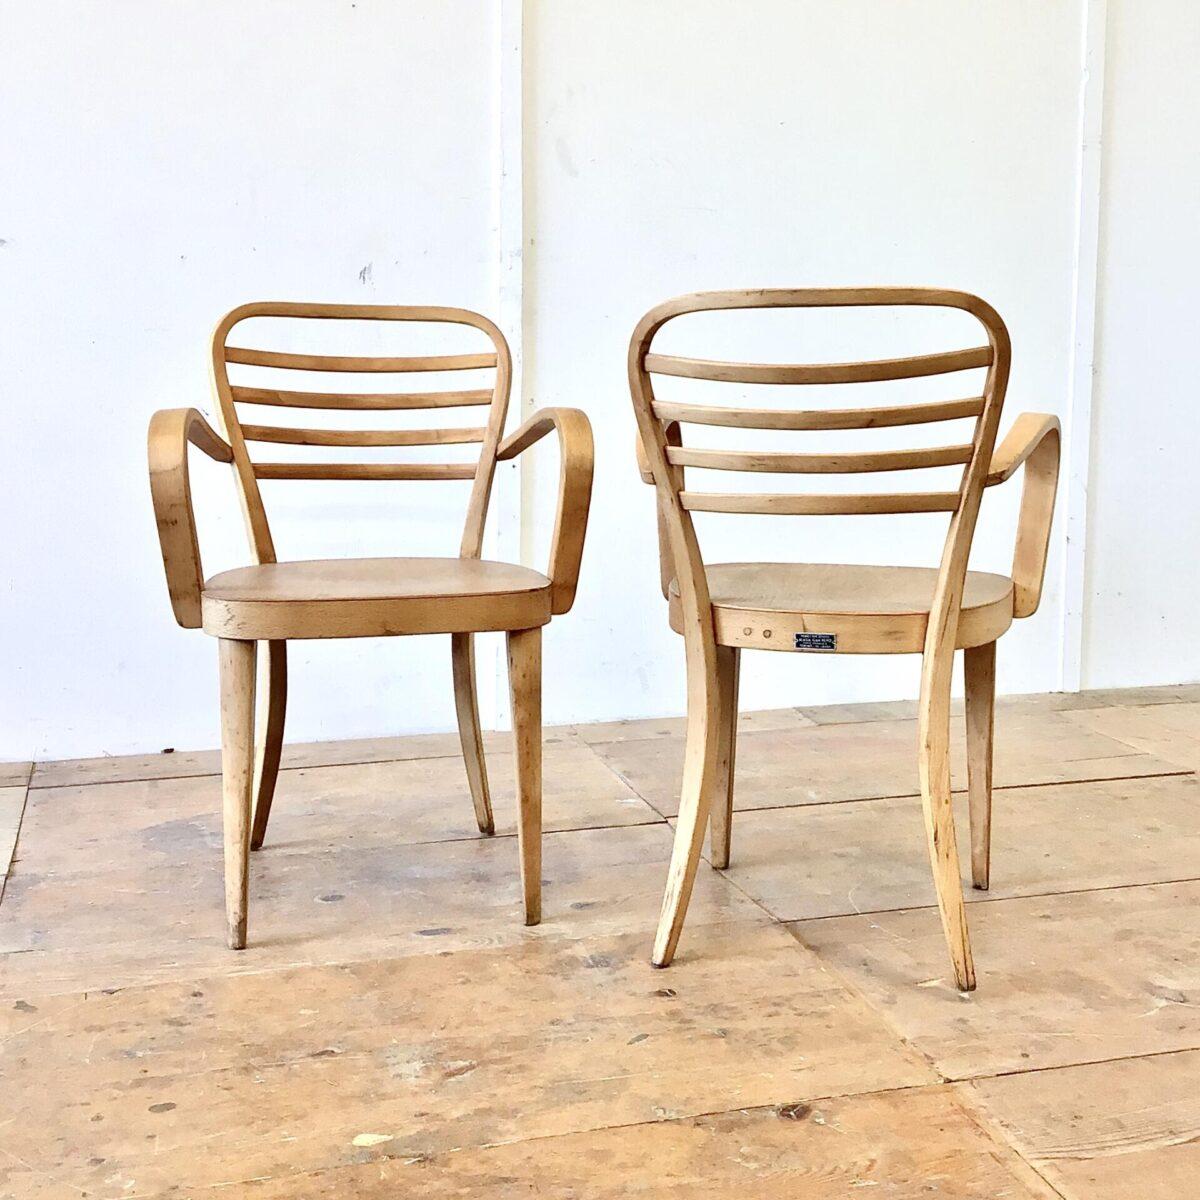 Zwei Armlehnstühle aus Italien. Formschöne Verarbeitung, bequem und in stabilem Zustand. Die Stühle wurden wohl mal geschliffen und frisch, mit mattem Lack, lackiert. Die Alterspatina ist noch schön erhalten.